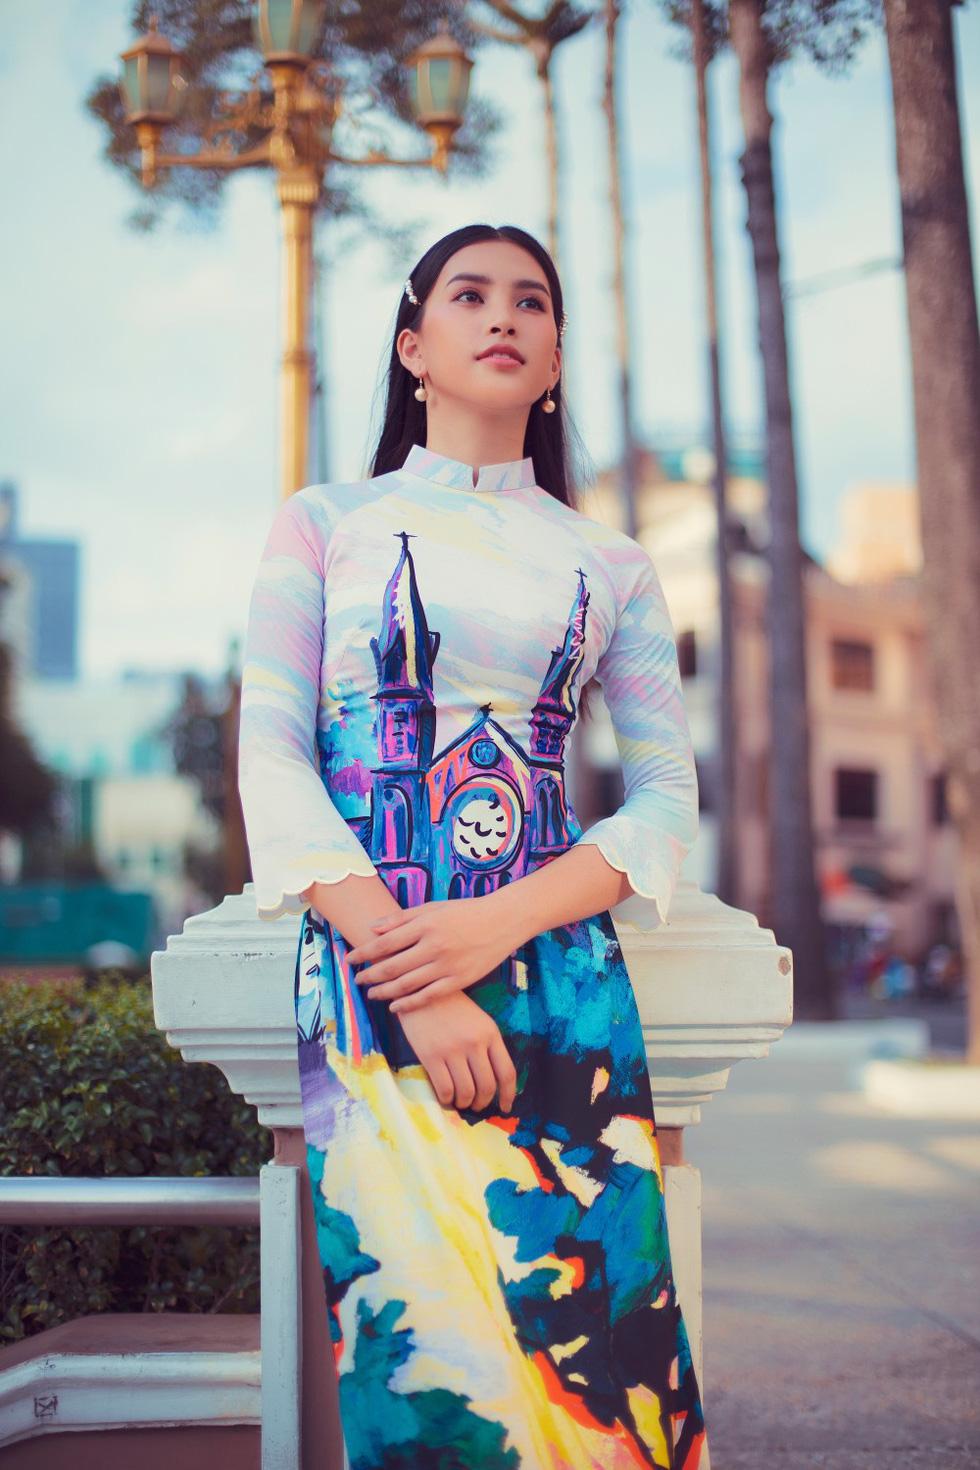 Hoa hậu Tiểu Vy khoe sắc cùng bộ sưu tập áo dài Sài Gòn ơi! - Ảnh 3.